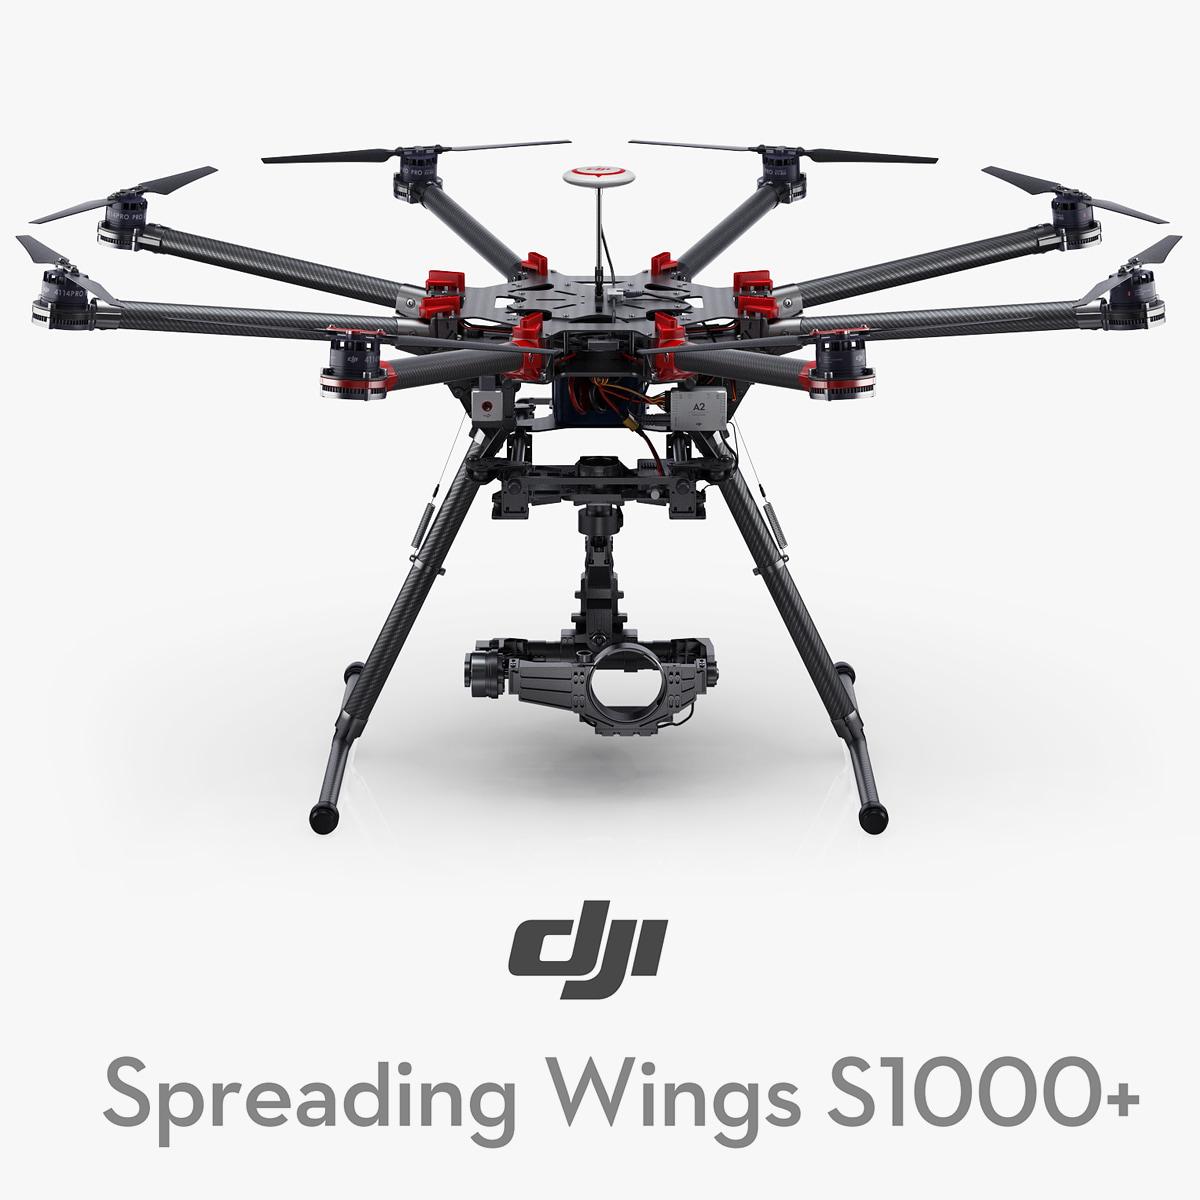 dji spreading wings s1000 max